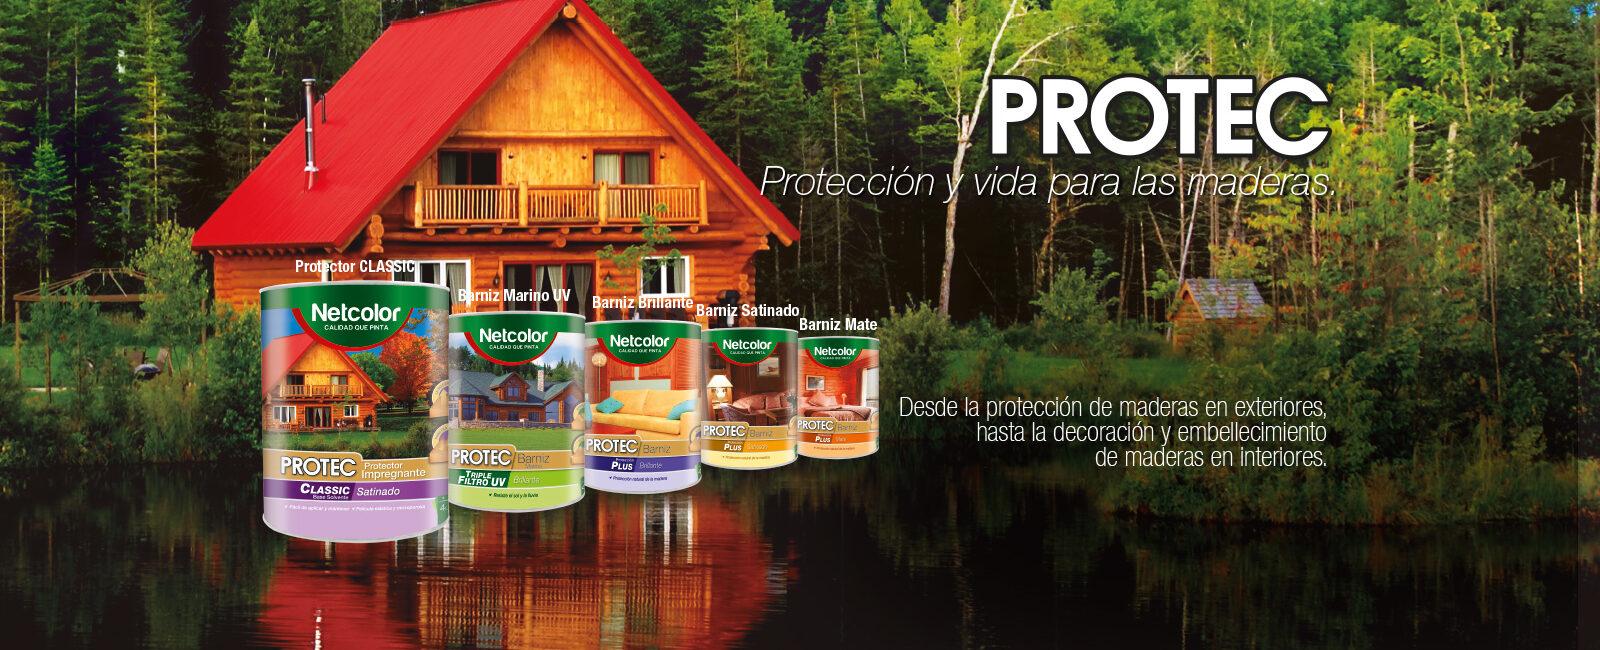 Línea Netcolor Protec